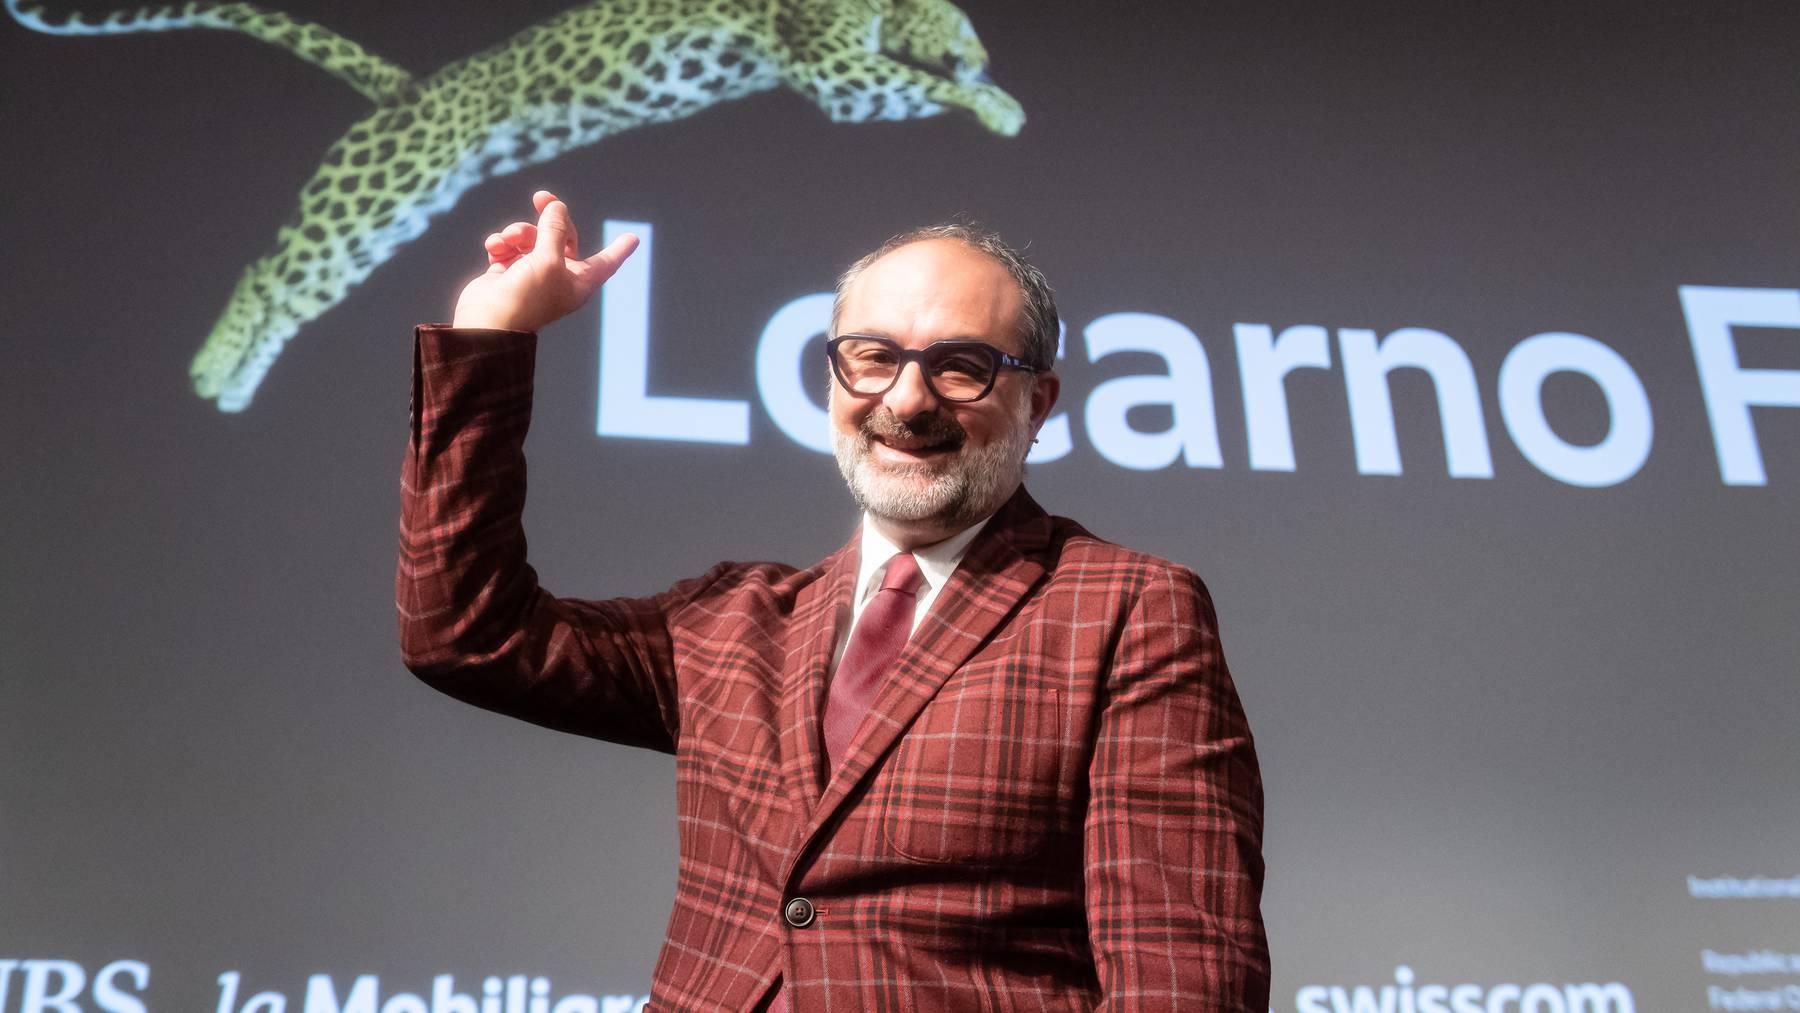 Der neue Leiter des Filmfestivals Locarno warnt davor, den Wert der Kultur zu unterschätzen.